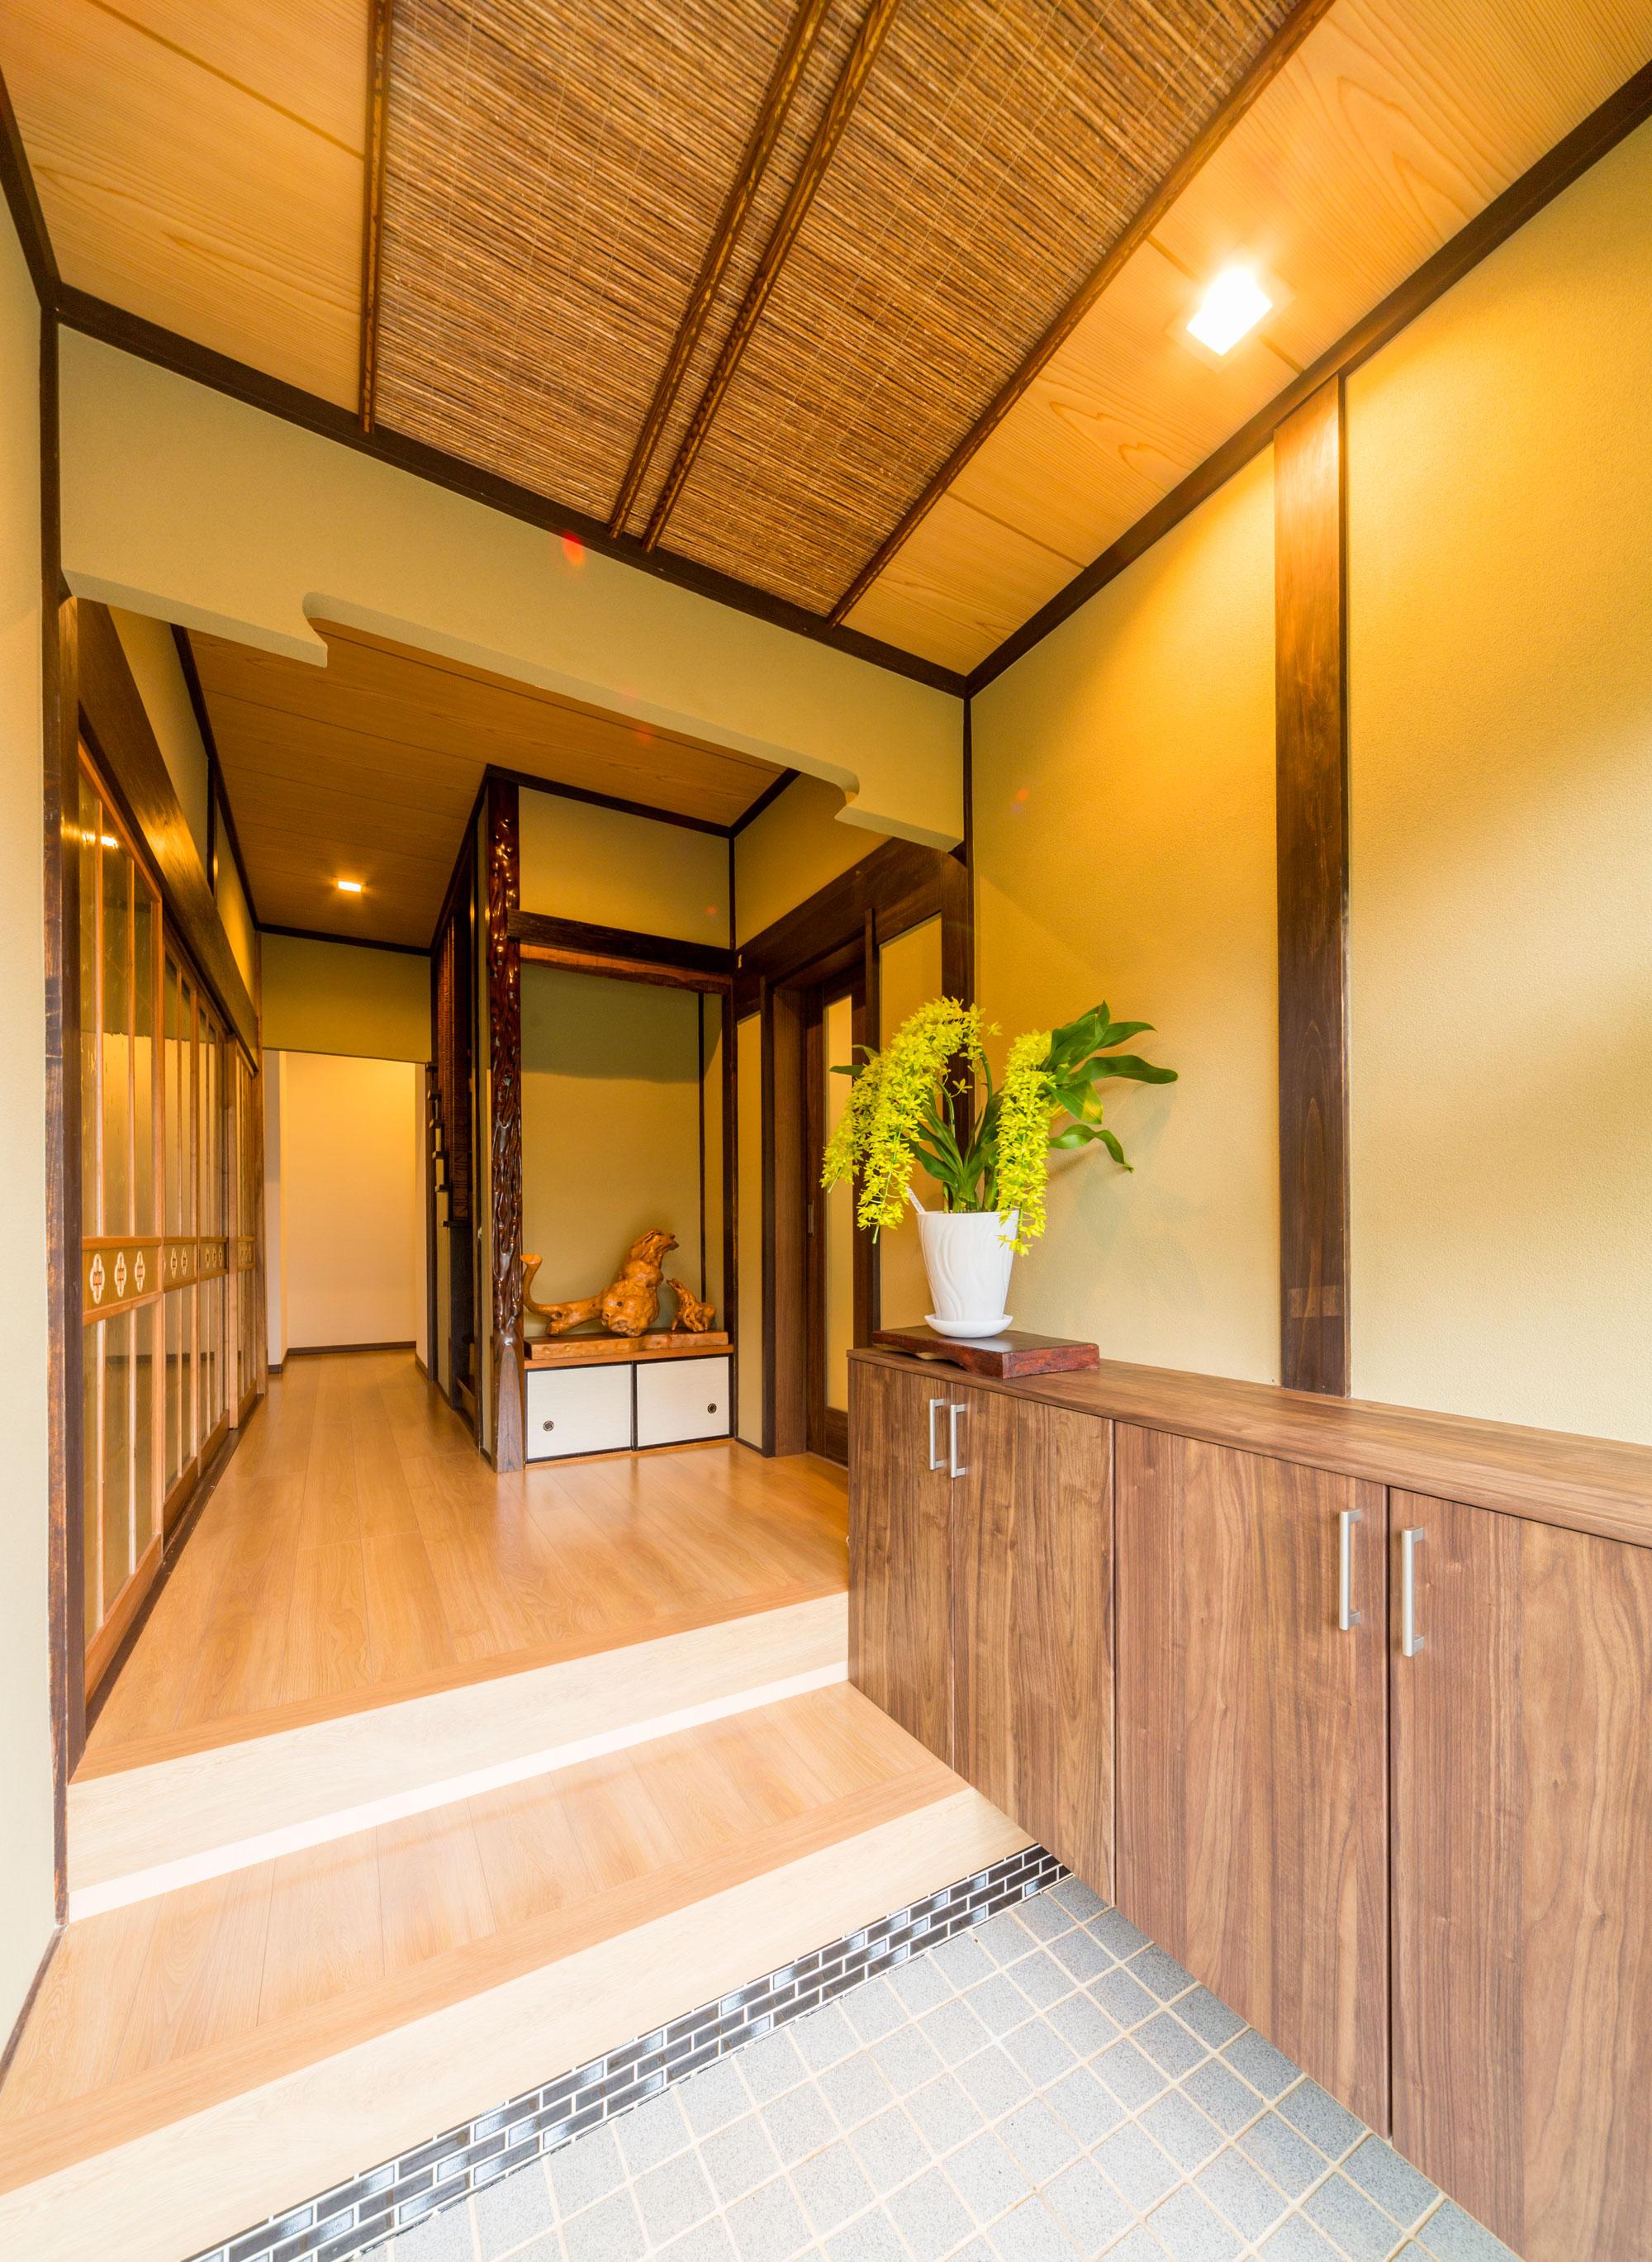 間取りはそのまま活かしながら、飾り間を改装することで趣のある玄関に再生しました。